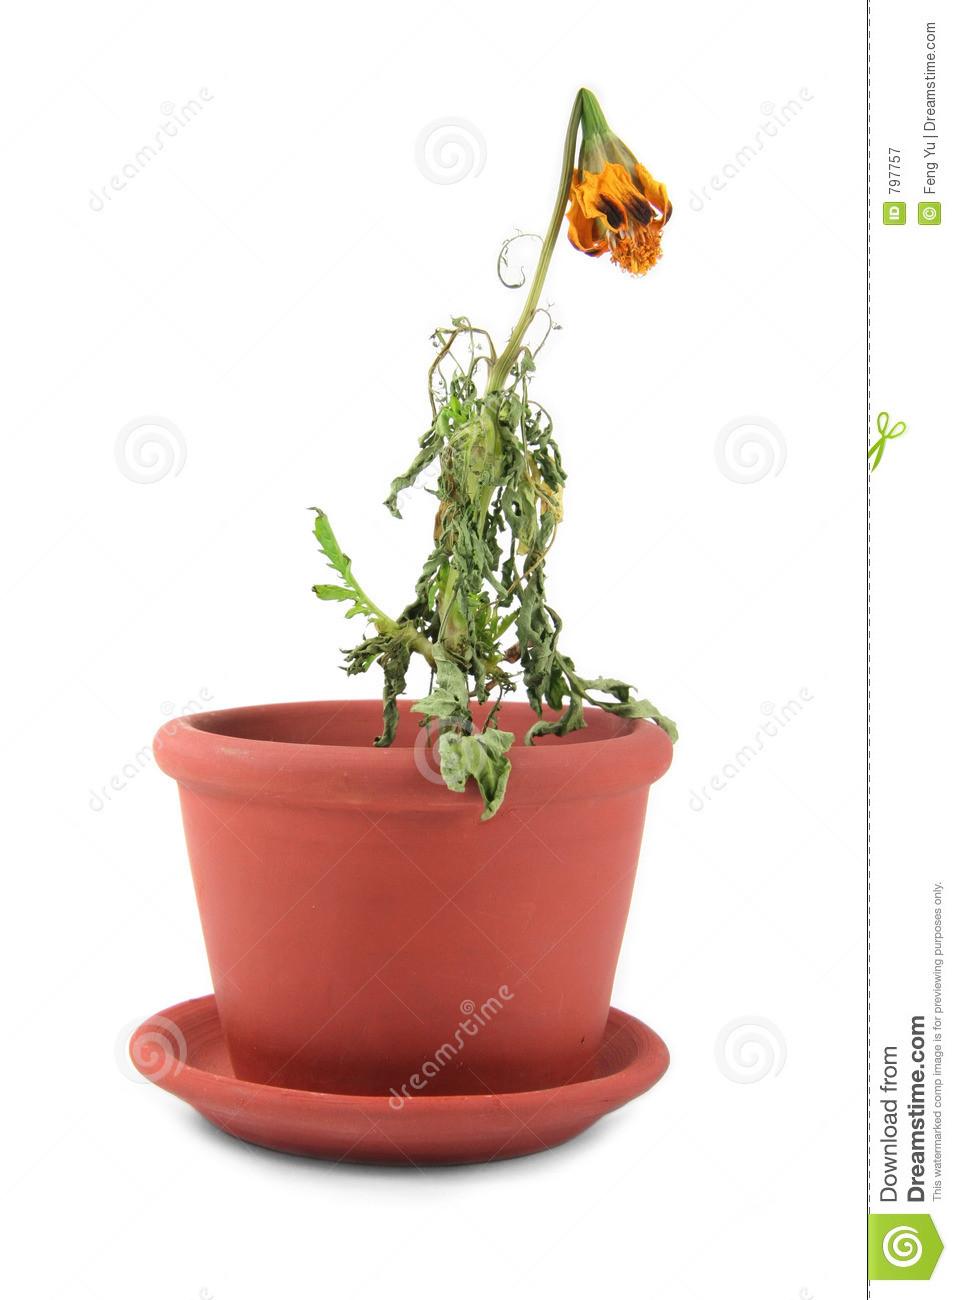 dead-flower-797757.jpg